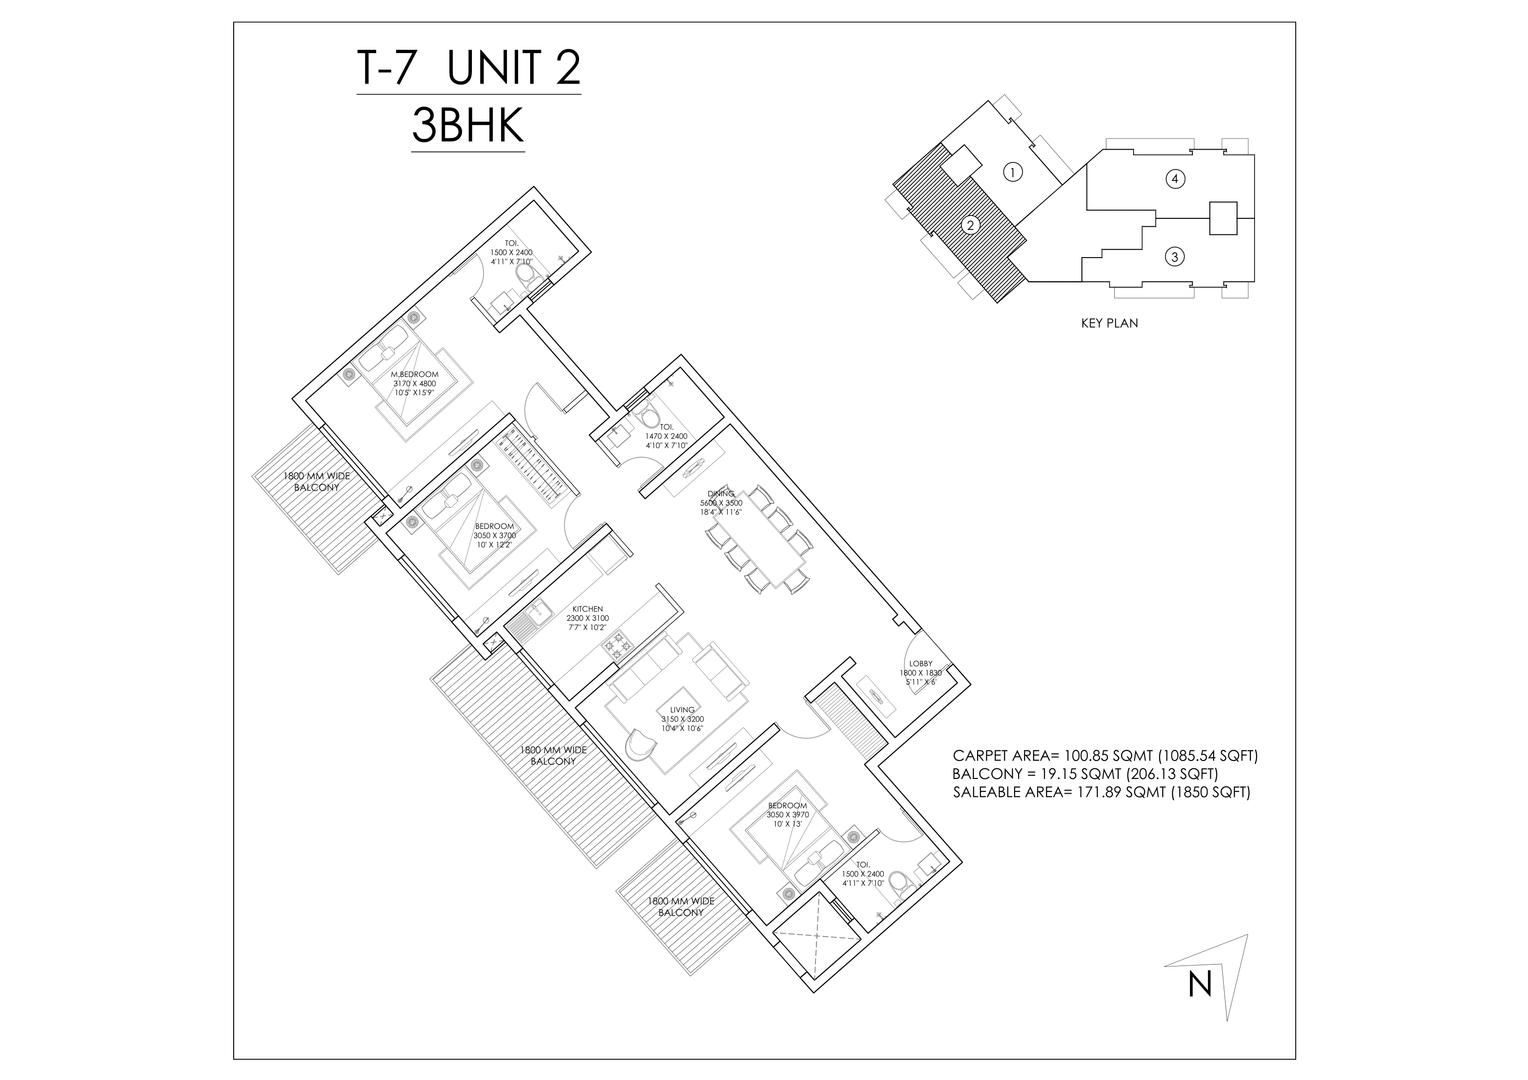 T7-UNIT-2-1.png